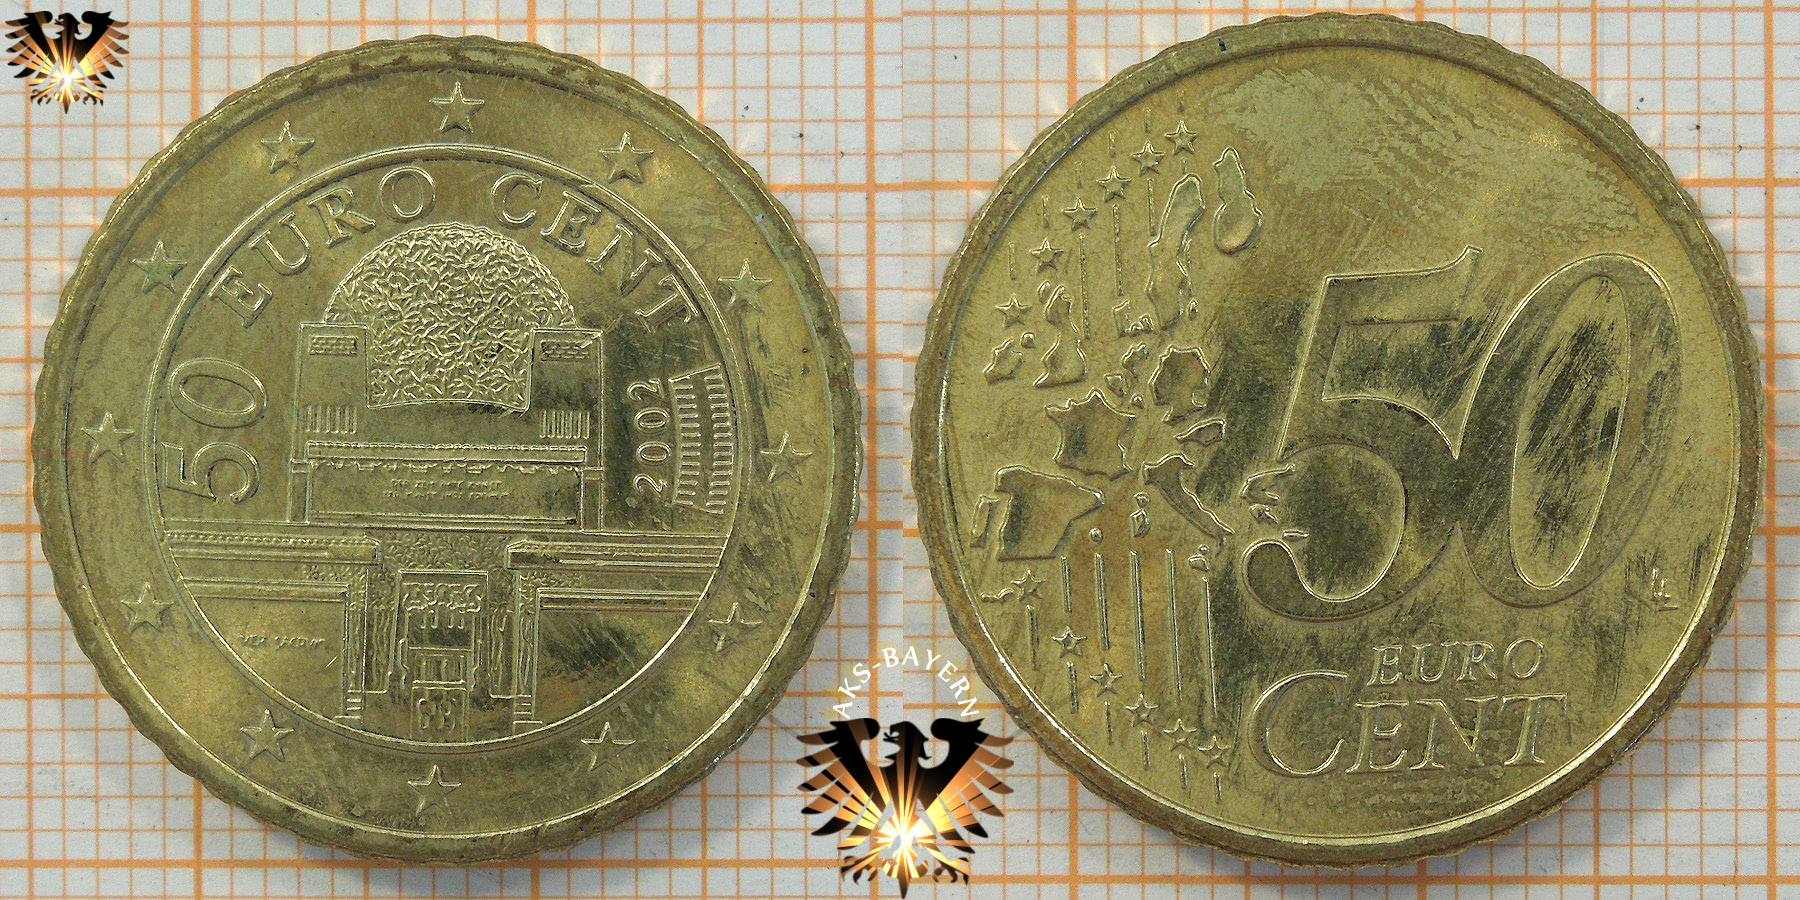 österreich Austria Kursmünzen Euro Münzsätze Euro Startersets